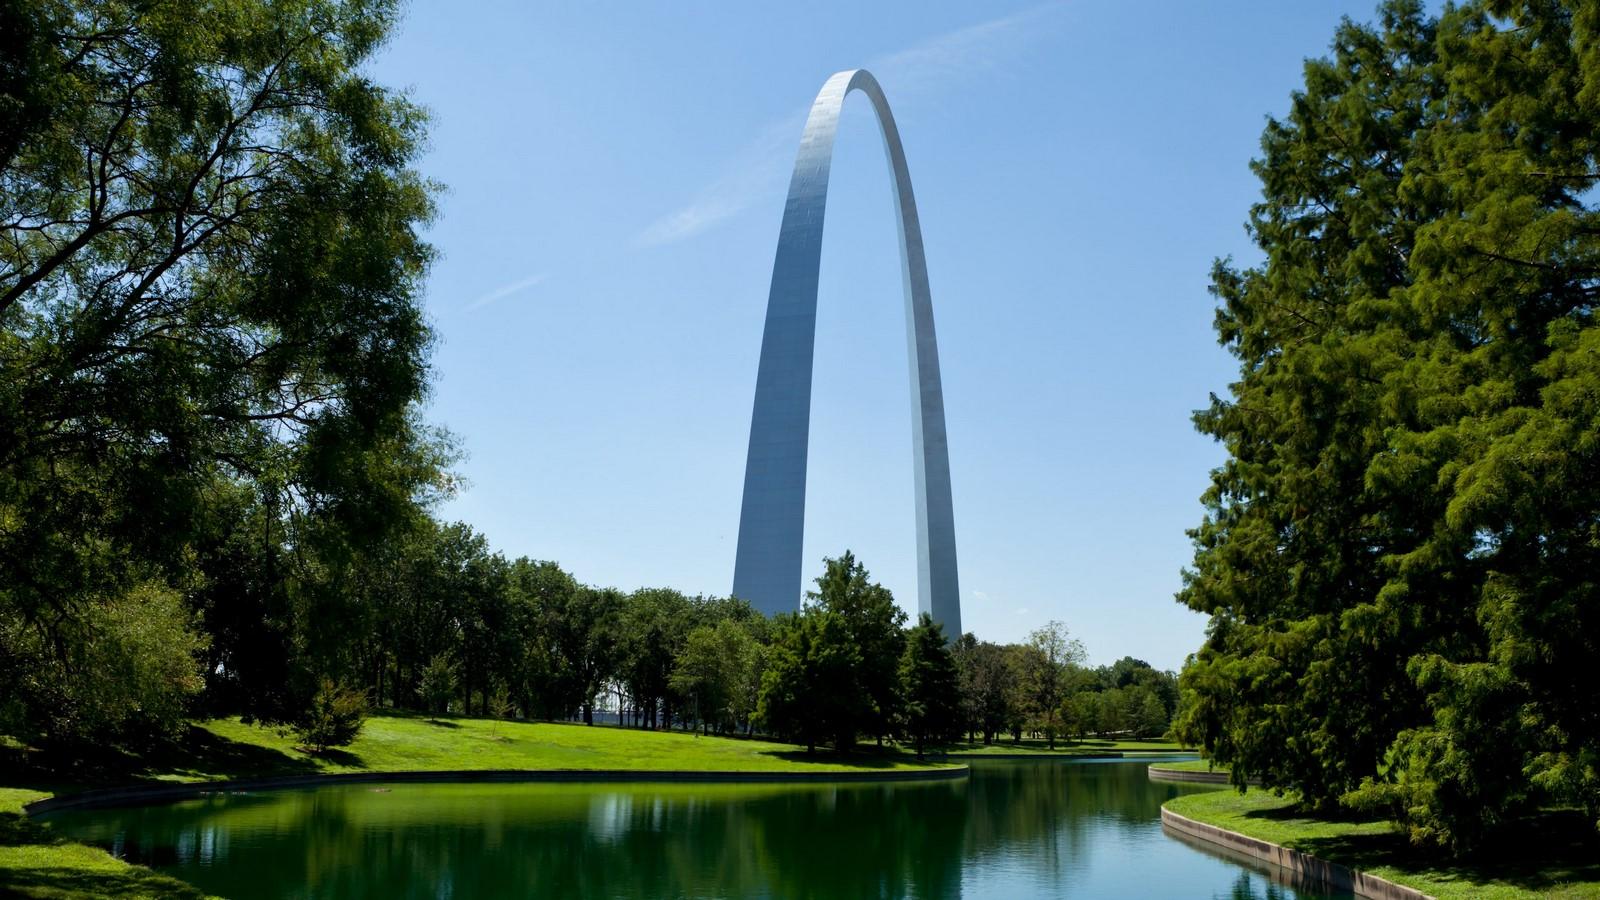 The Gateway Arch by Eero Saarinen: World's tallest Arch - Sheet7